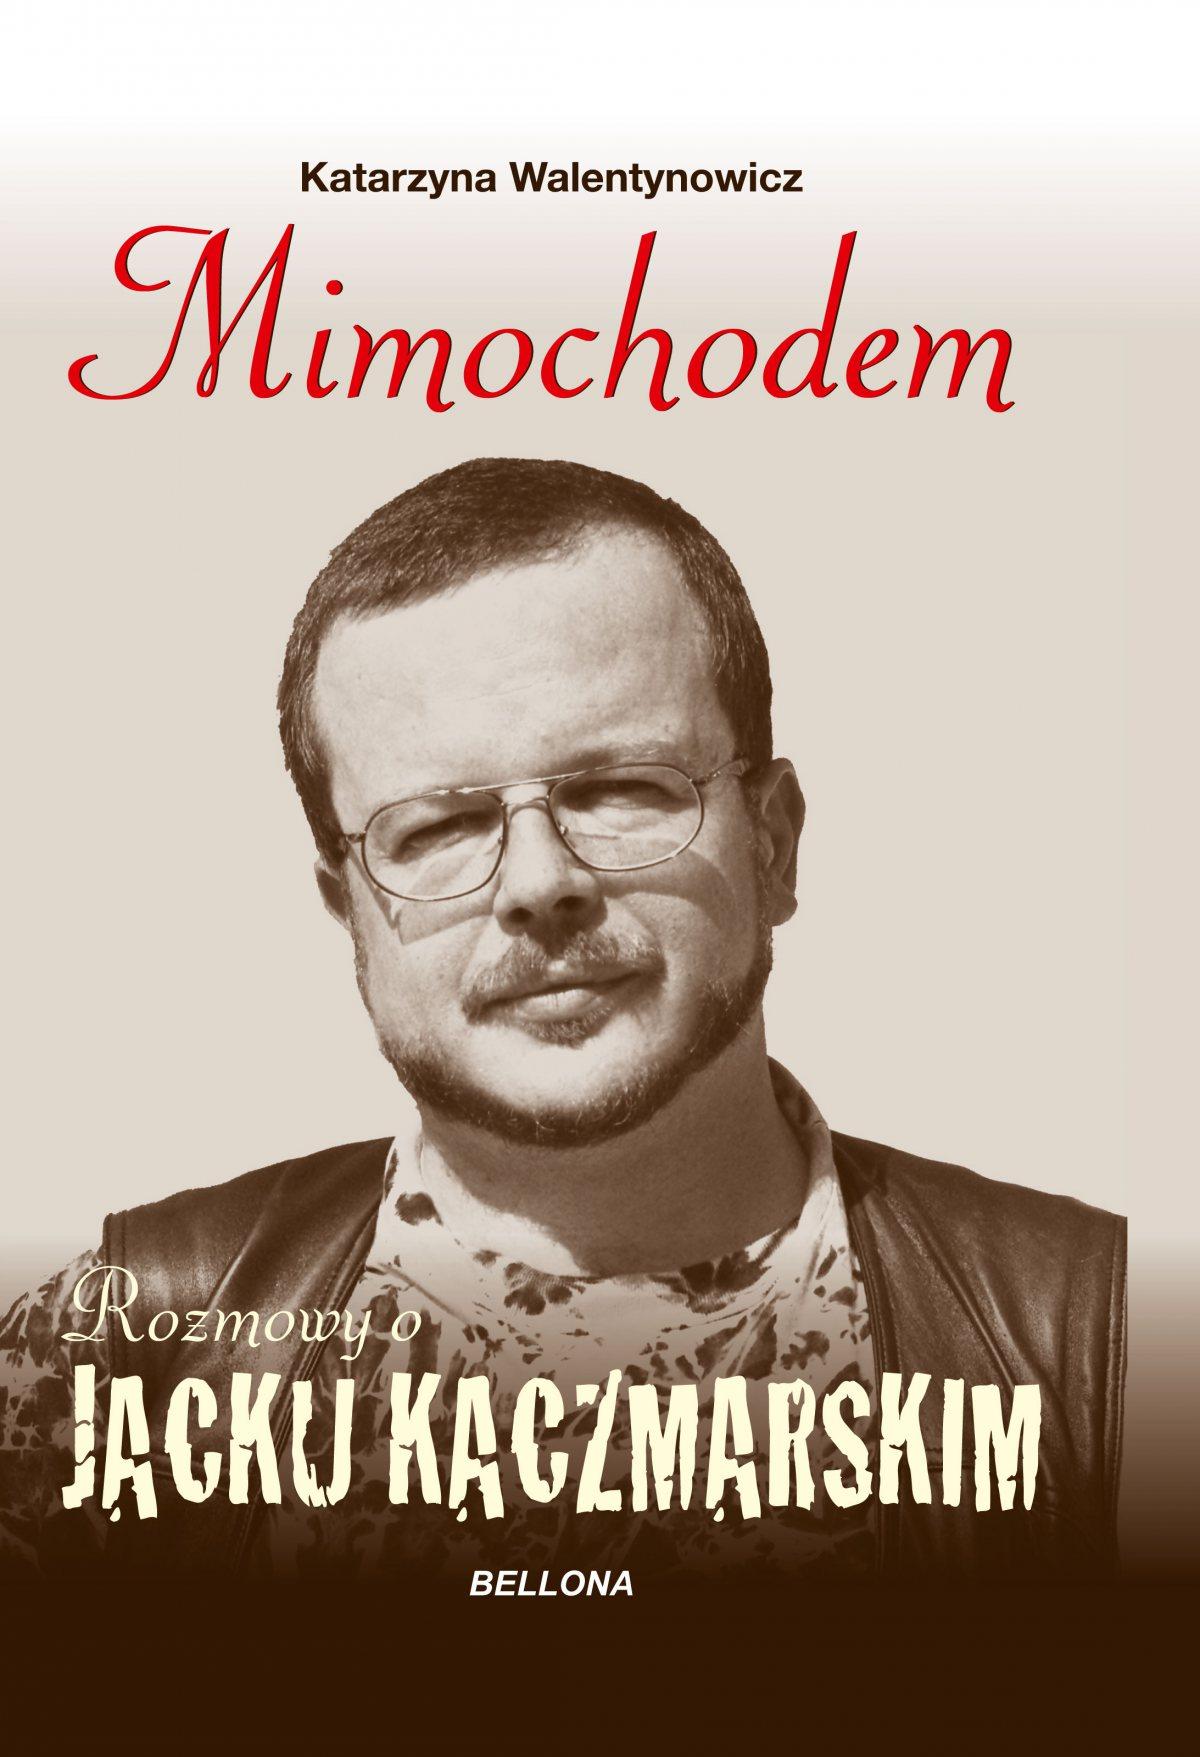 Mimochodem. Rozmowy o Jacku Kaczmarskim - Ebook (Książka na Kindle) do pobrania w formacie MOBI